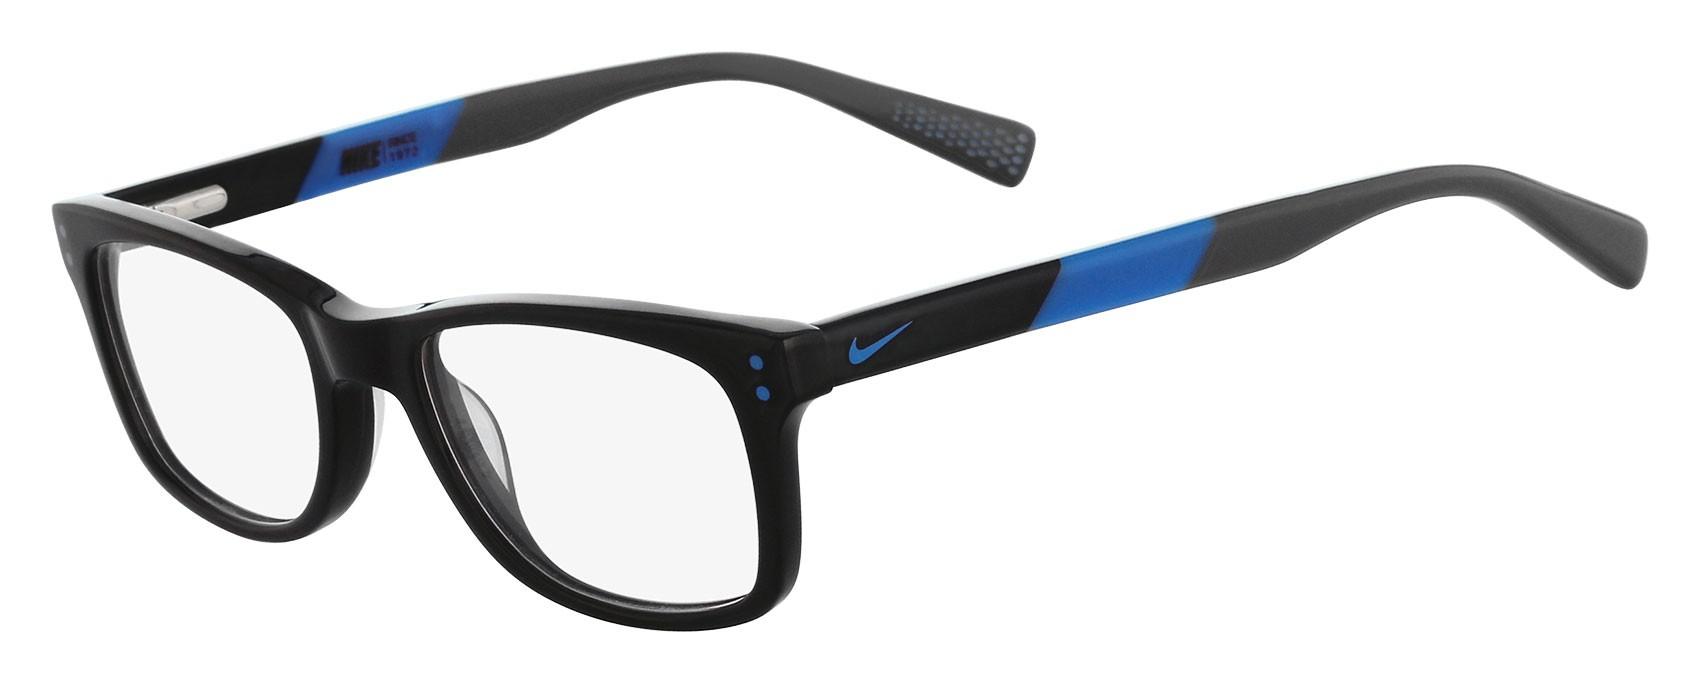 228e814701850 armação oculos de grau masculino nike nk83 black tr90. armação ...